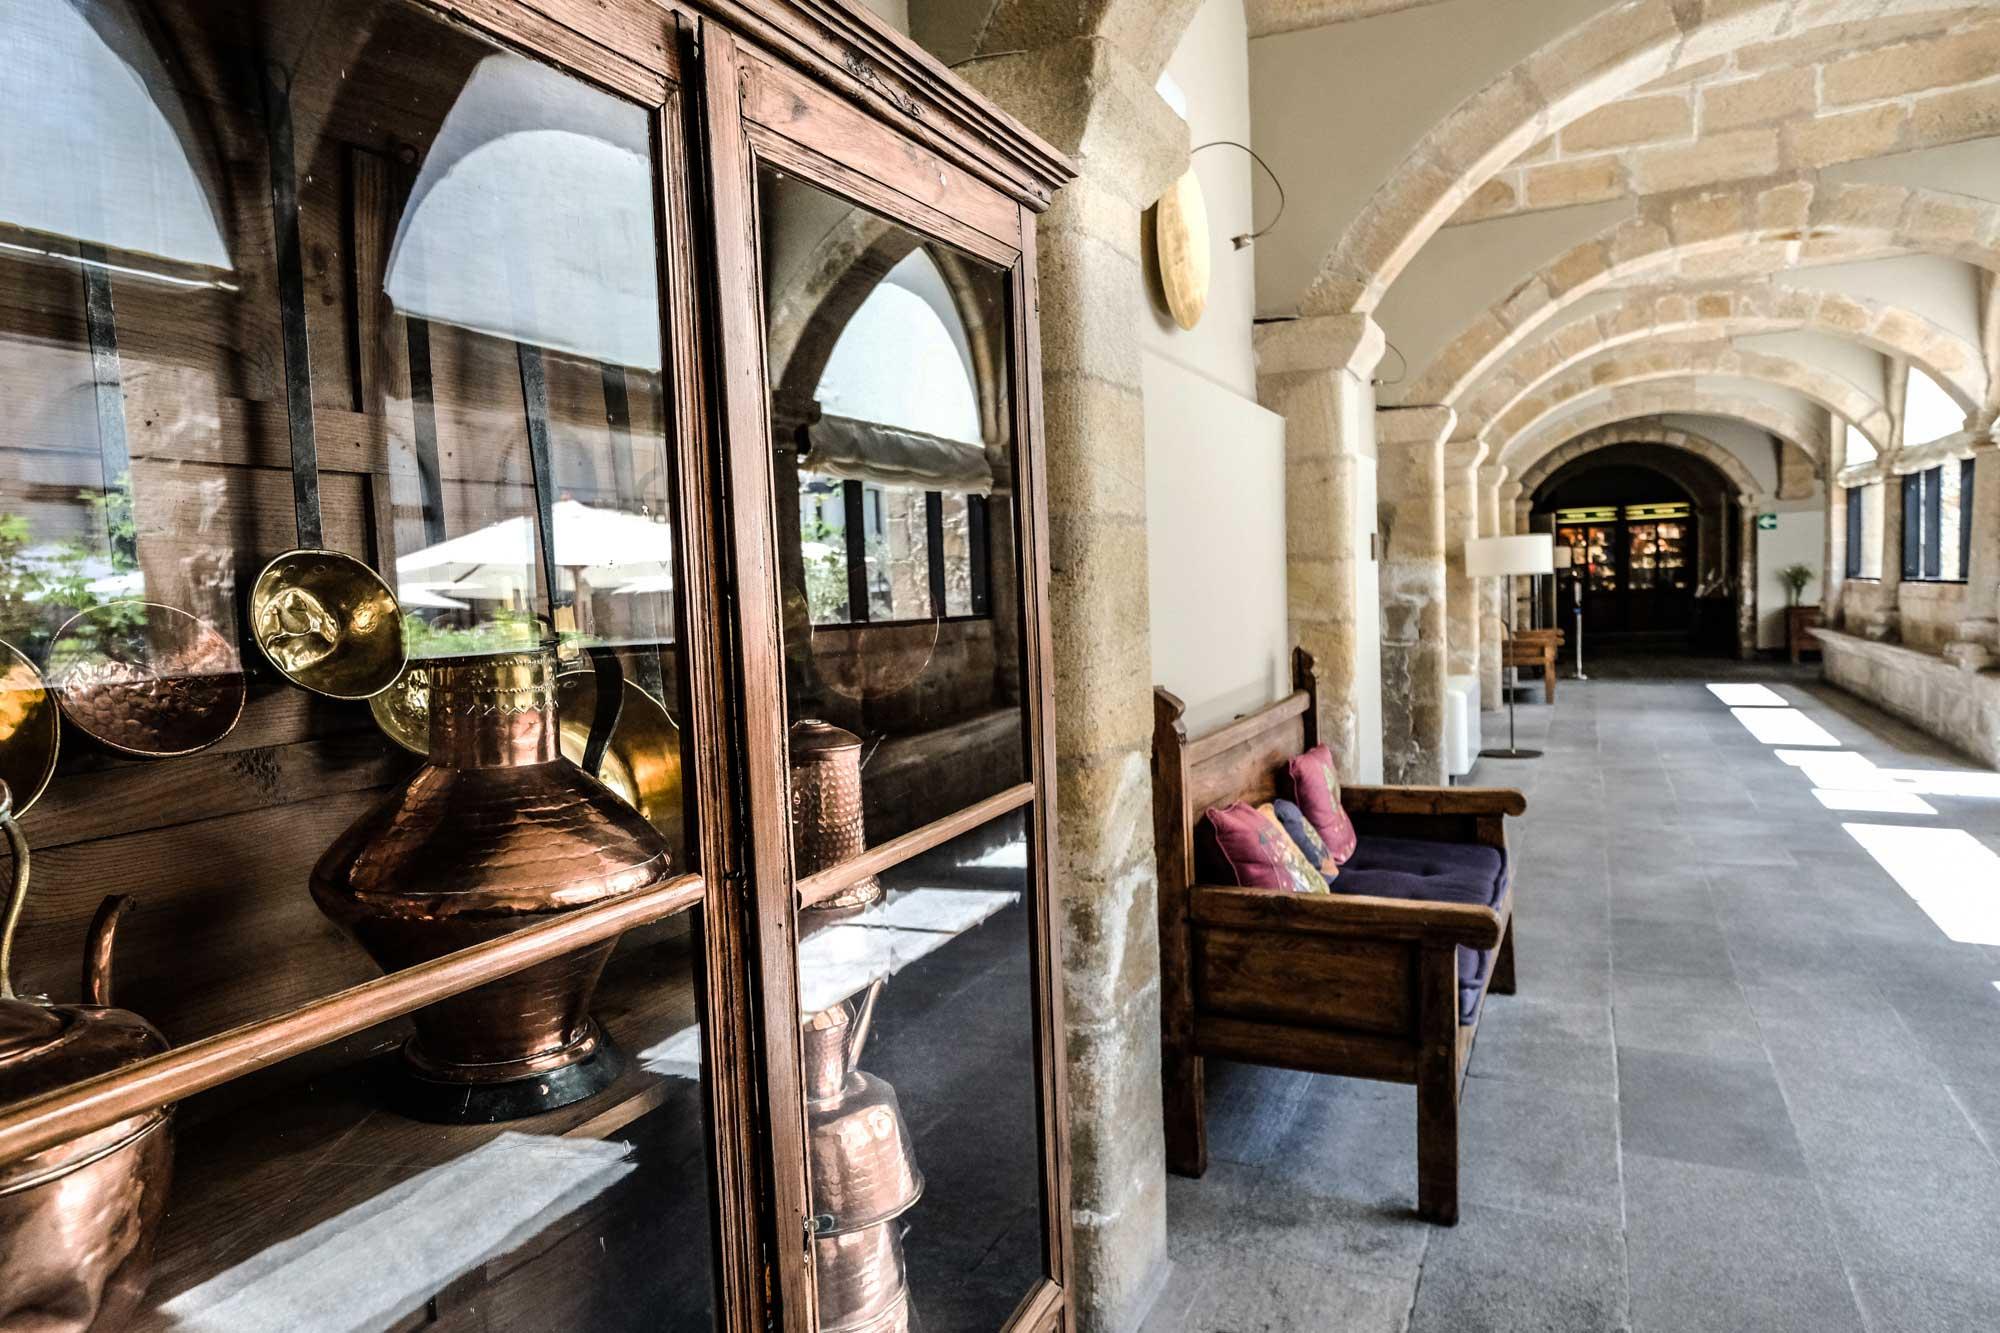 Detalle de una vitrina en el claustro renacentista.